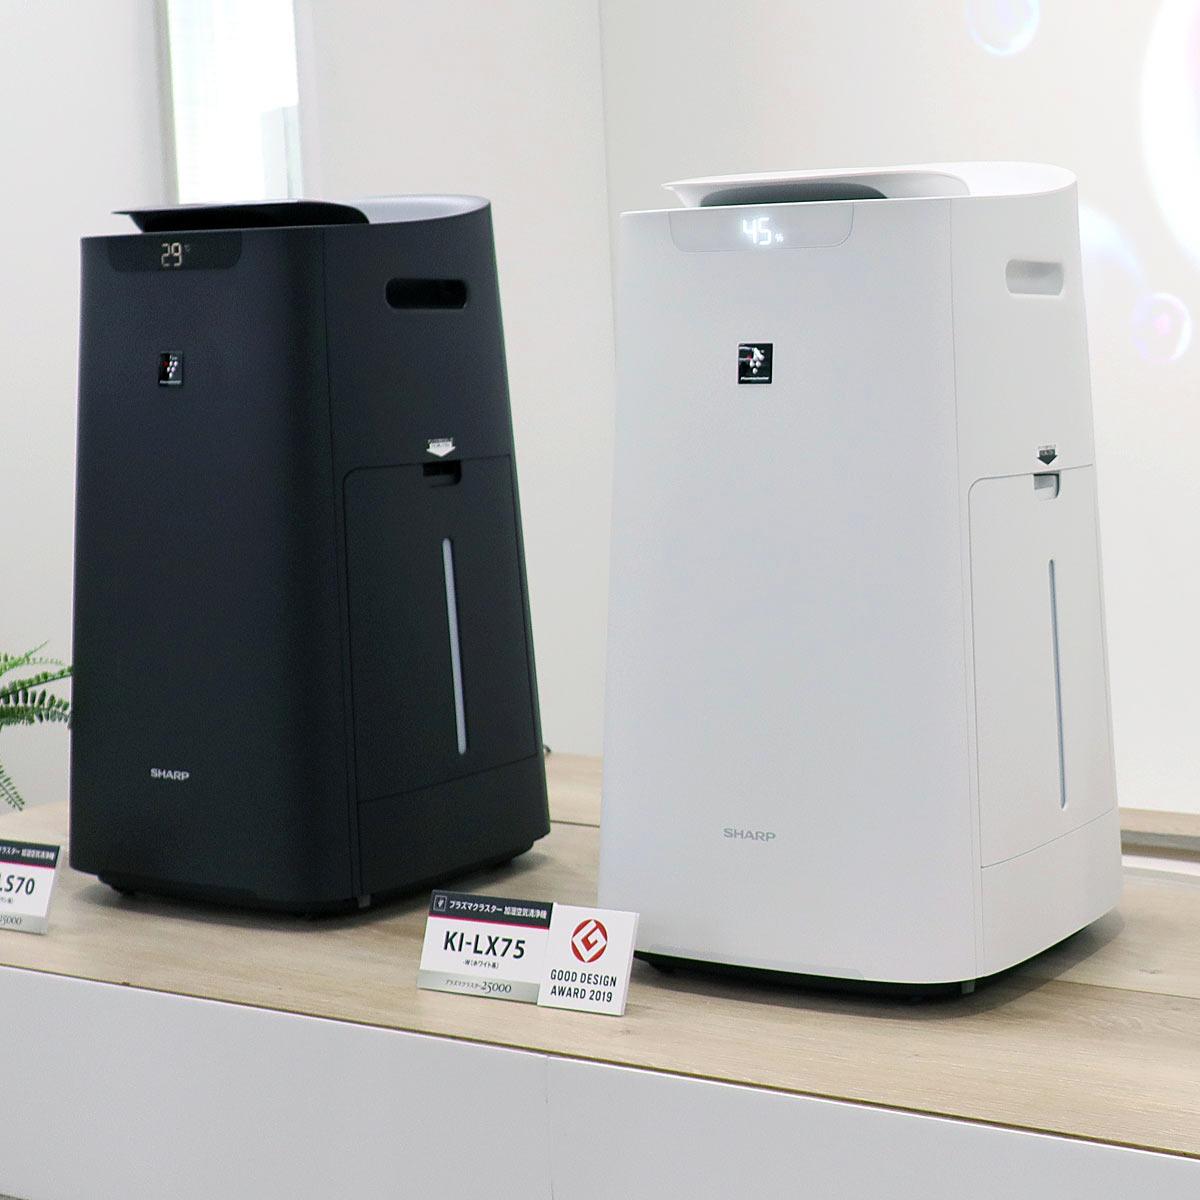 2つの新構造で加湿機能アップ! シャープの新しい加湿空気清浄機「KI-LX75」